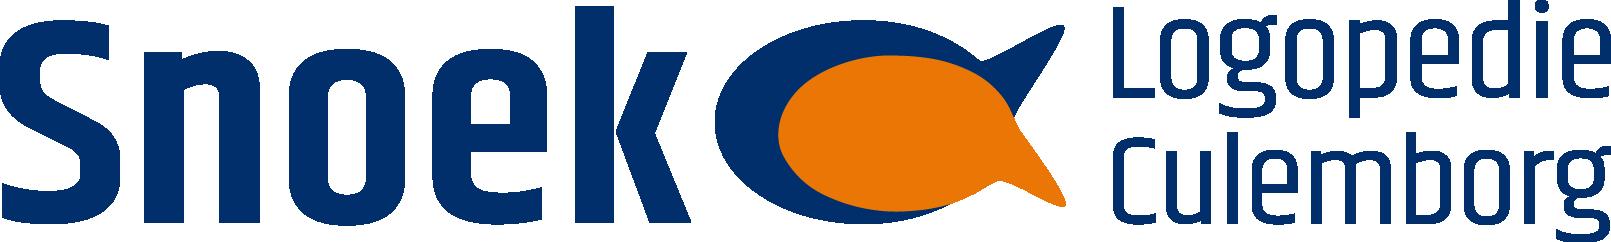 Logopedie & Begeleiding Snoek